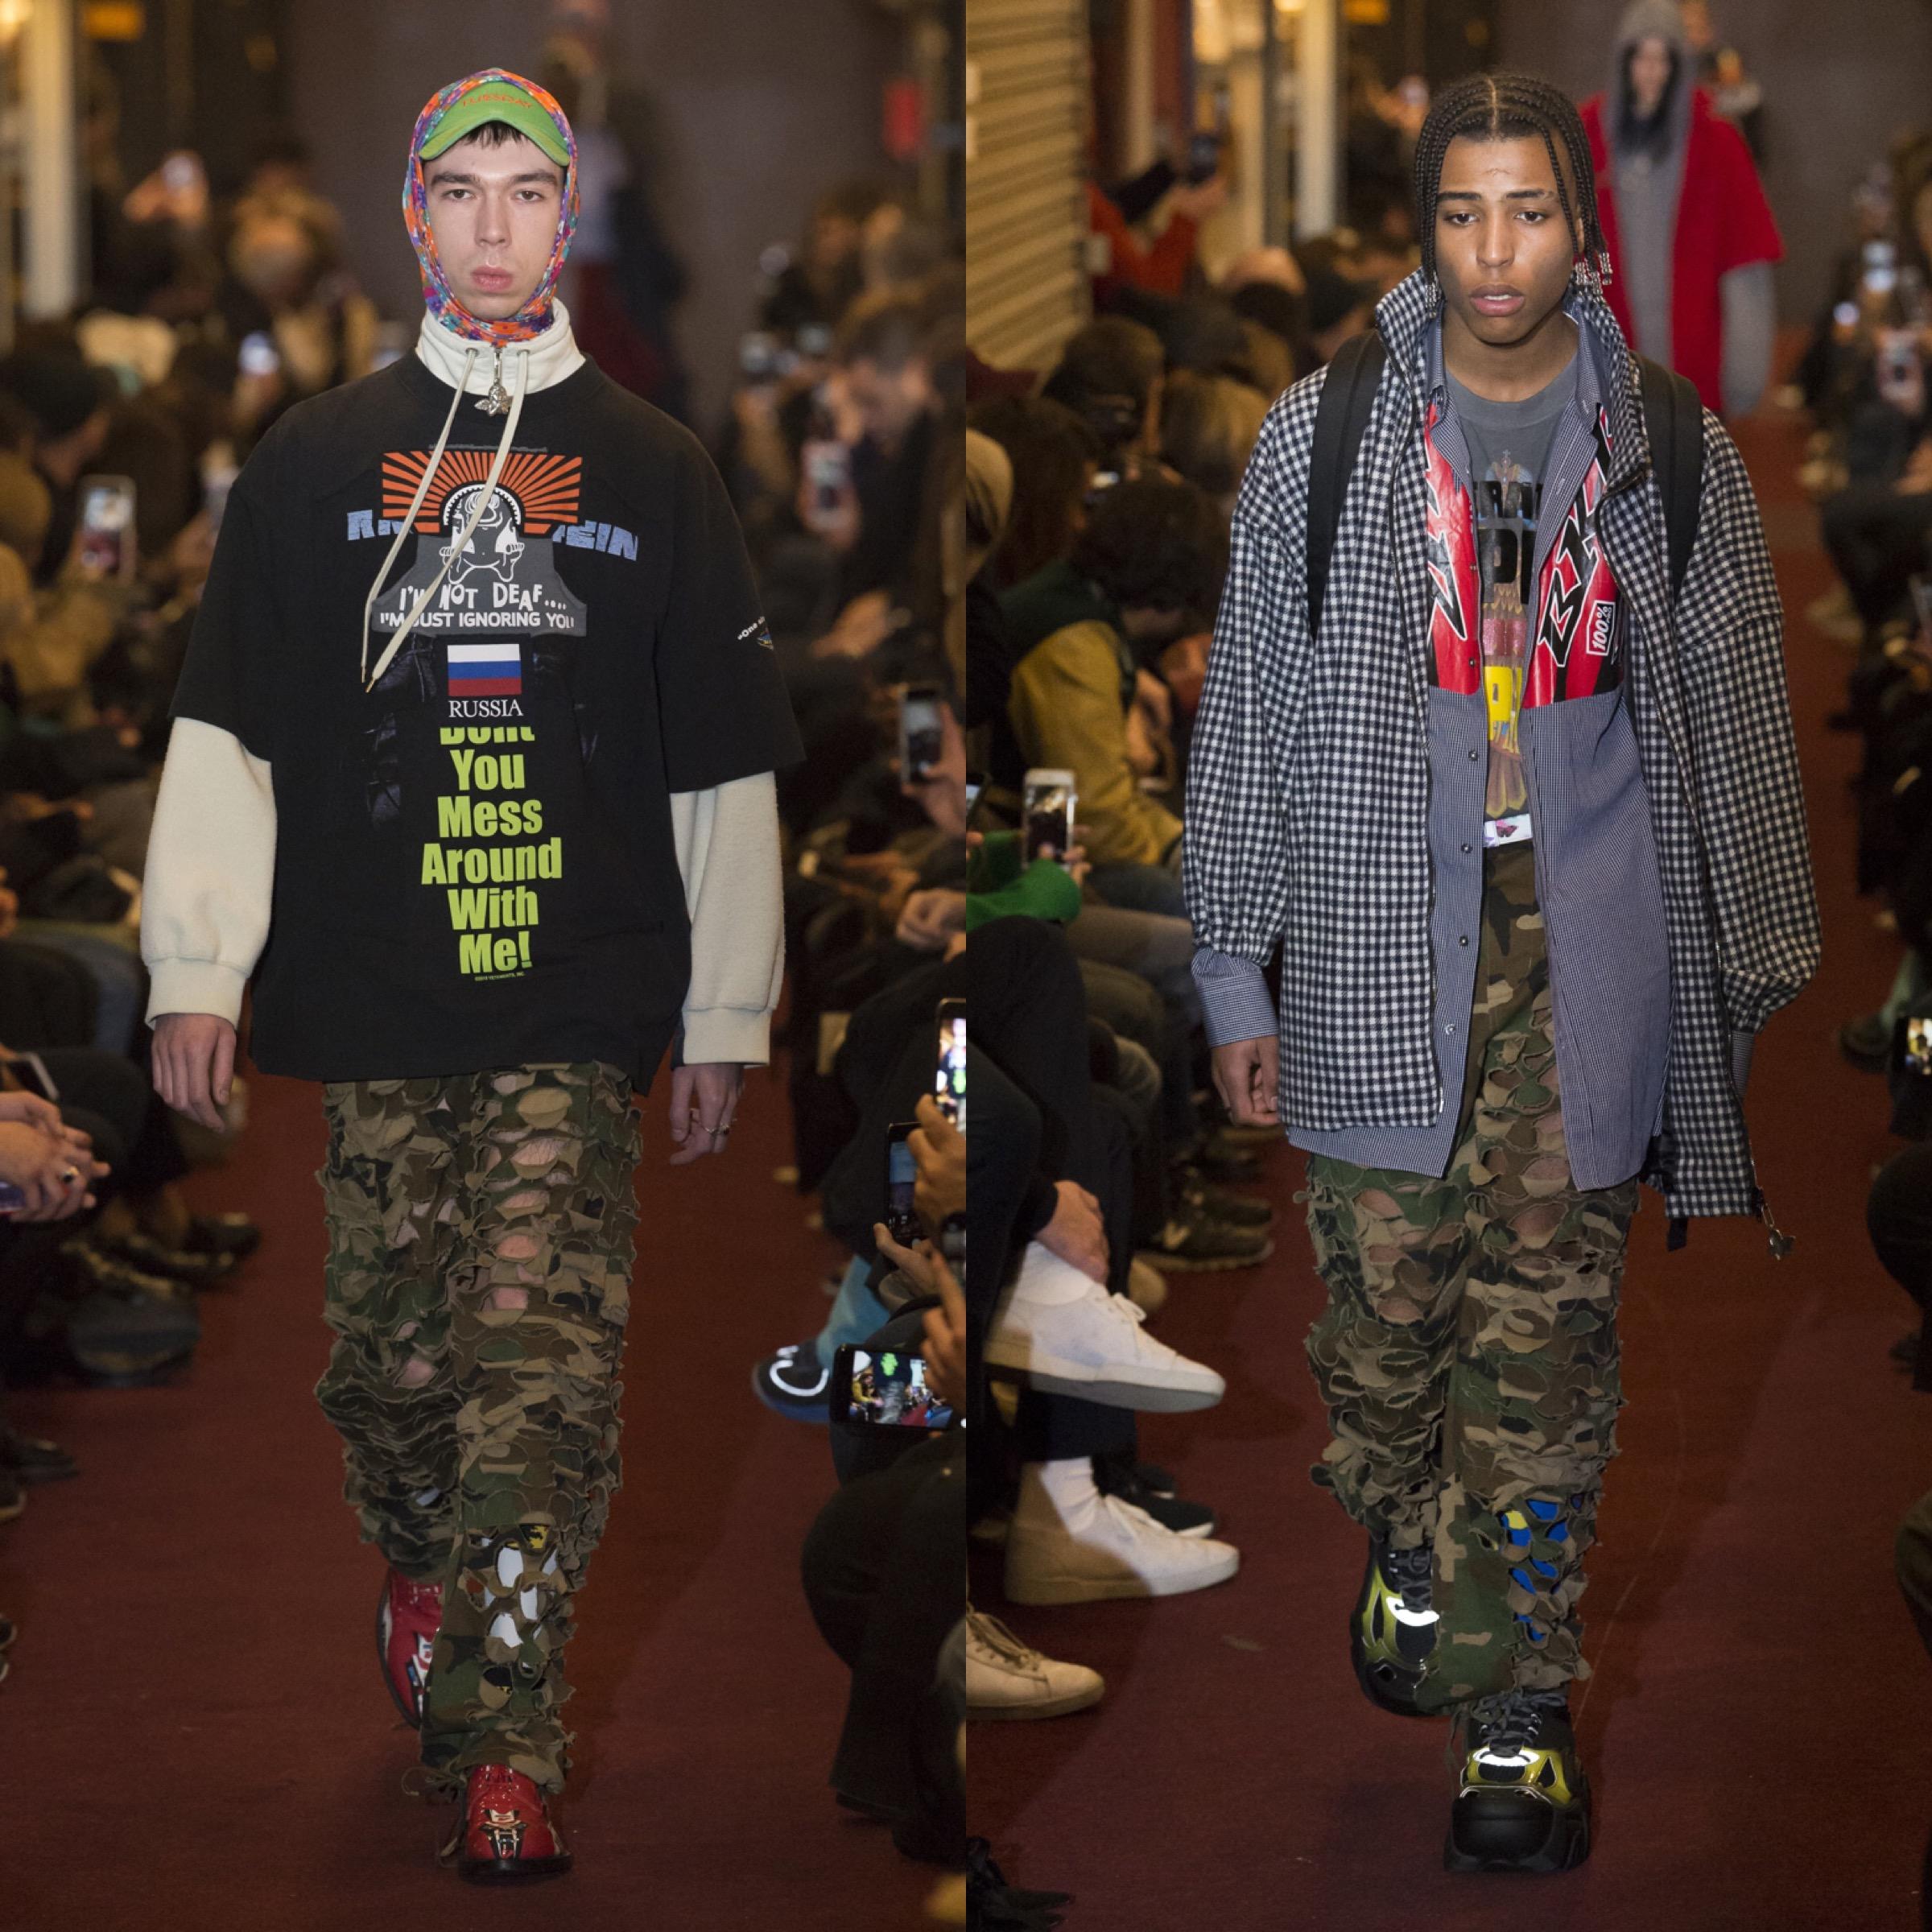 Vetements Set To Leave Paris Men's Fashion Week